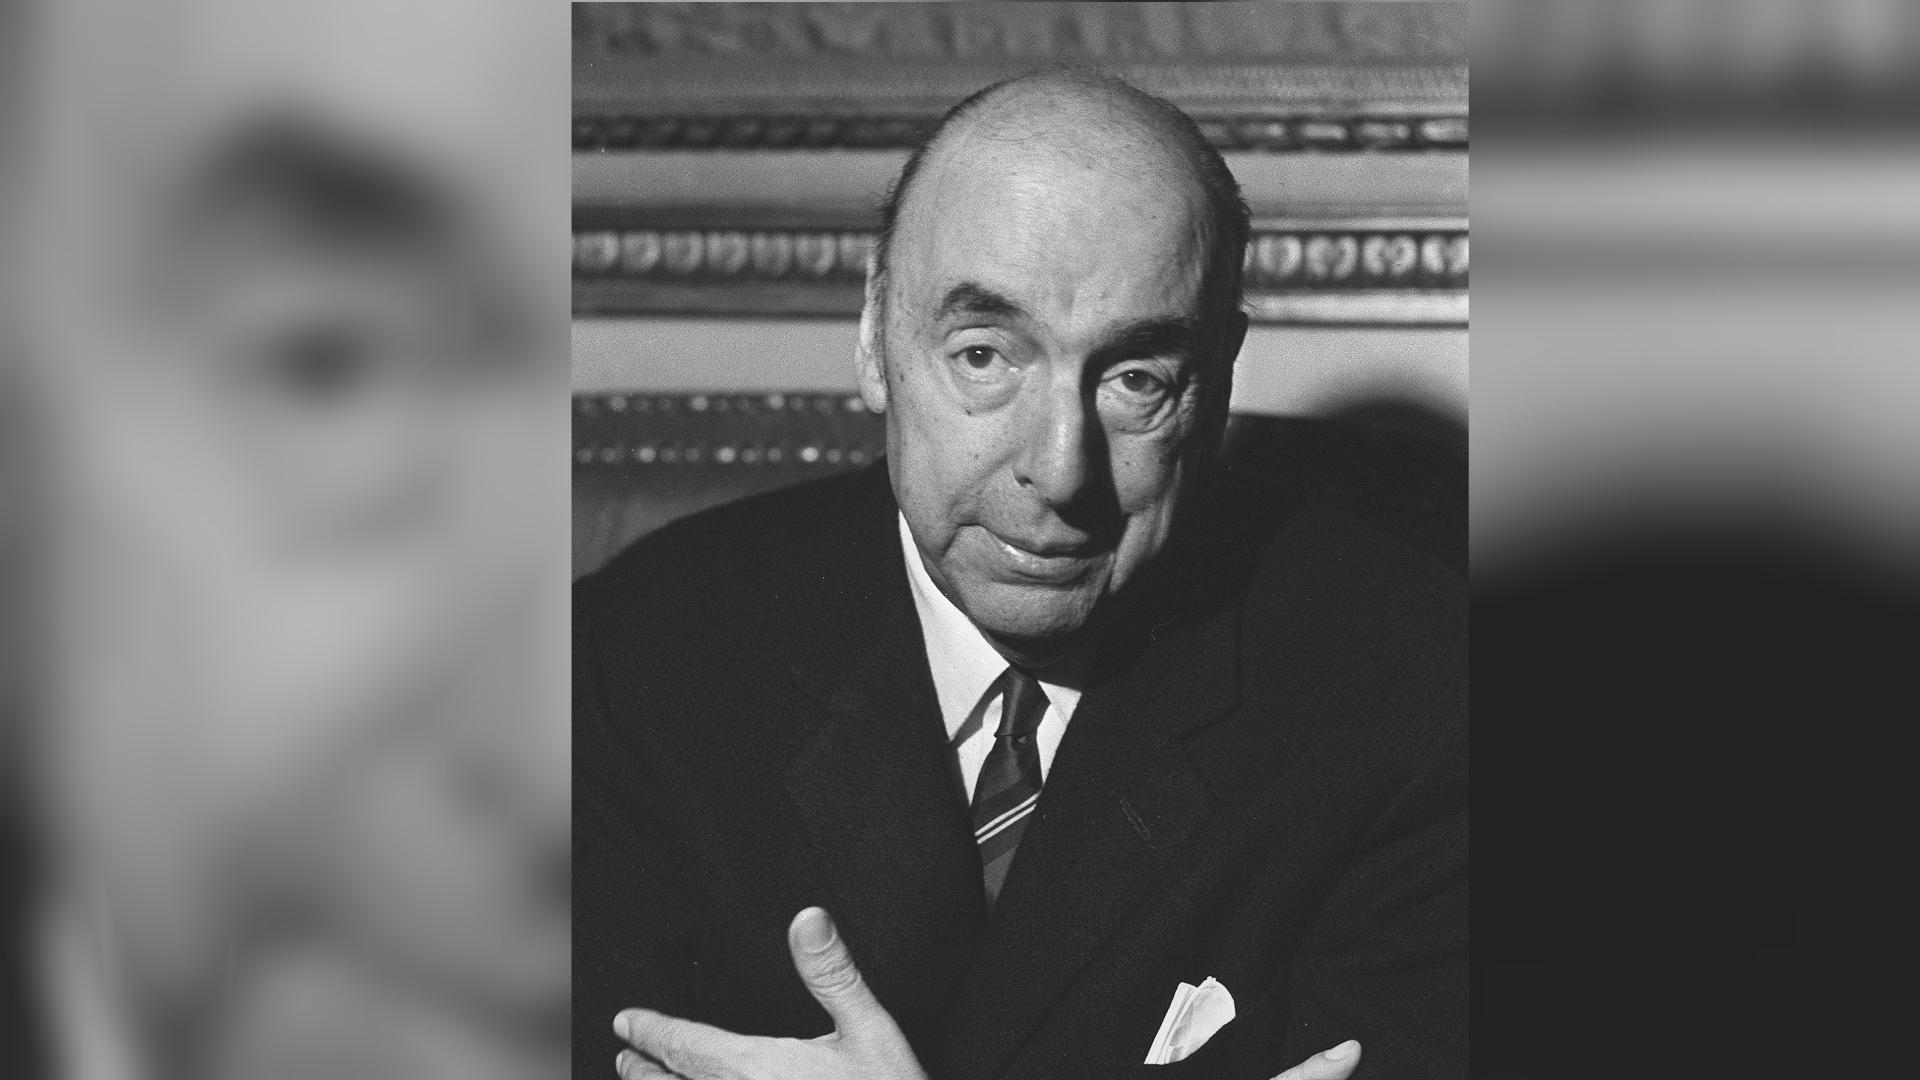 Biografía corta de Pablo Neruda